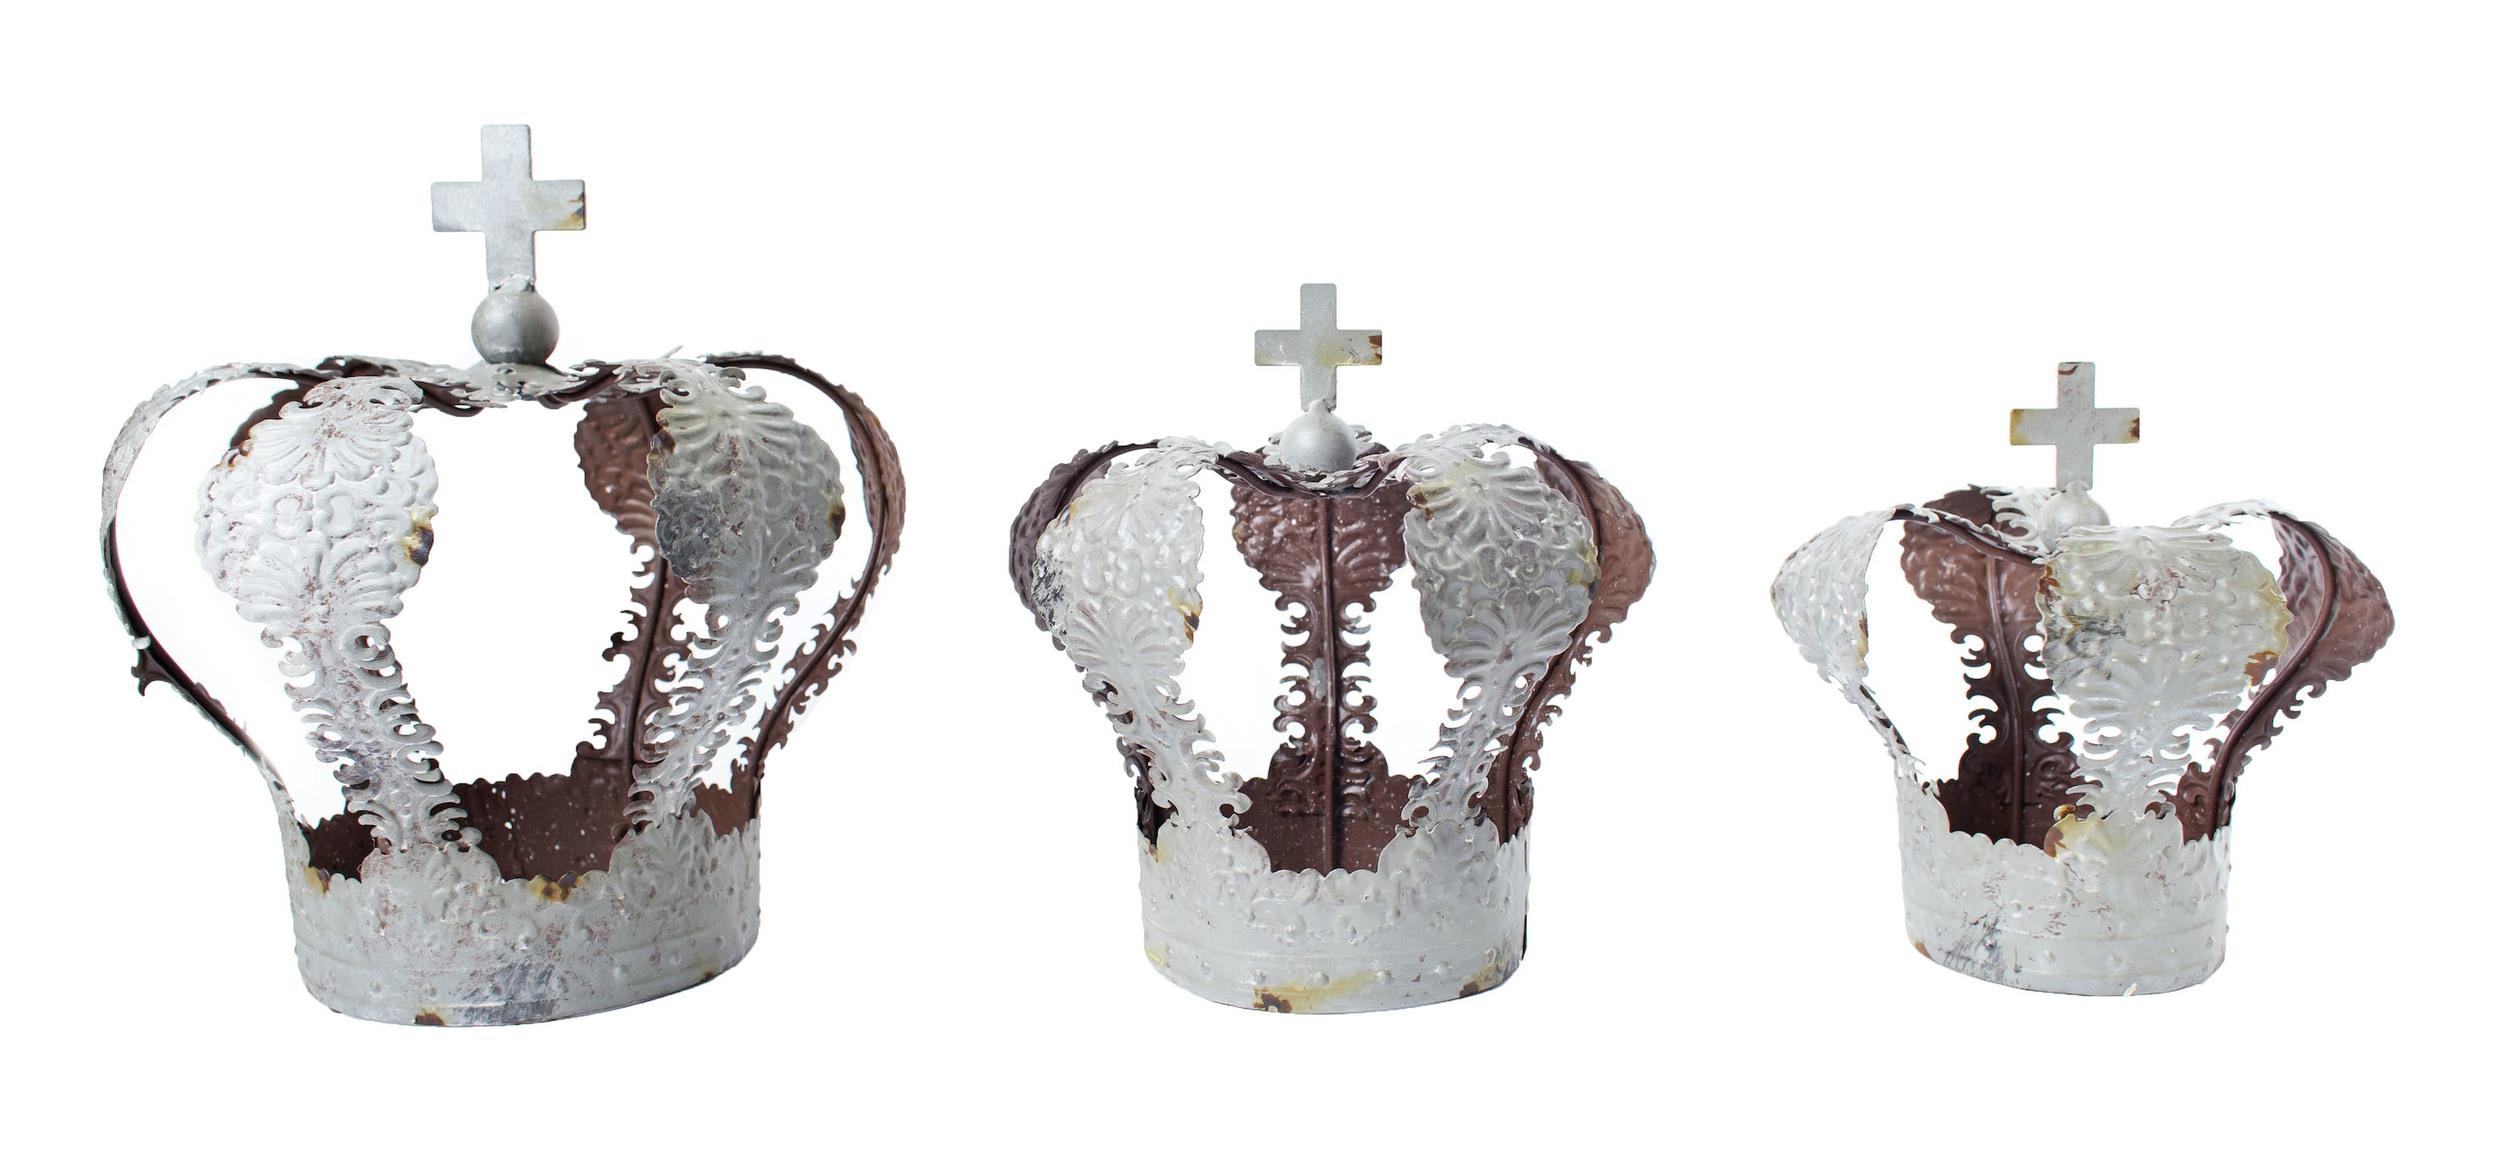 Distressed Metal Crowns